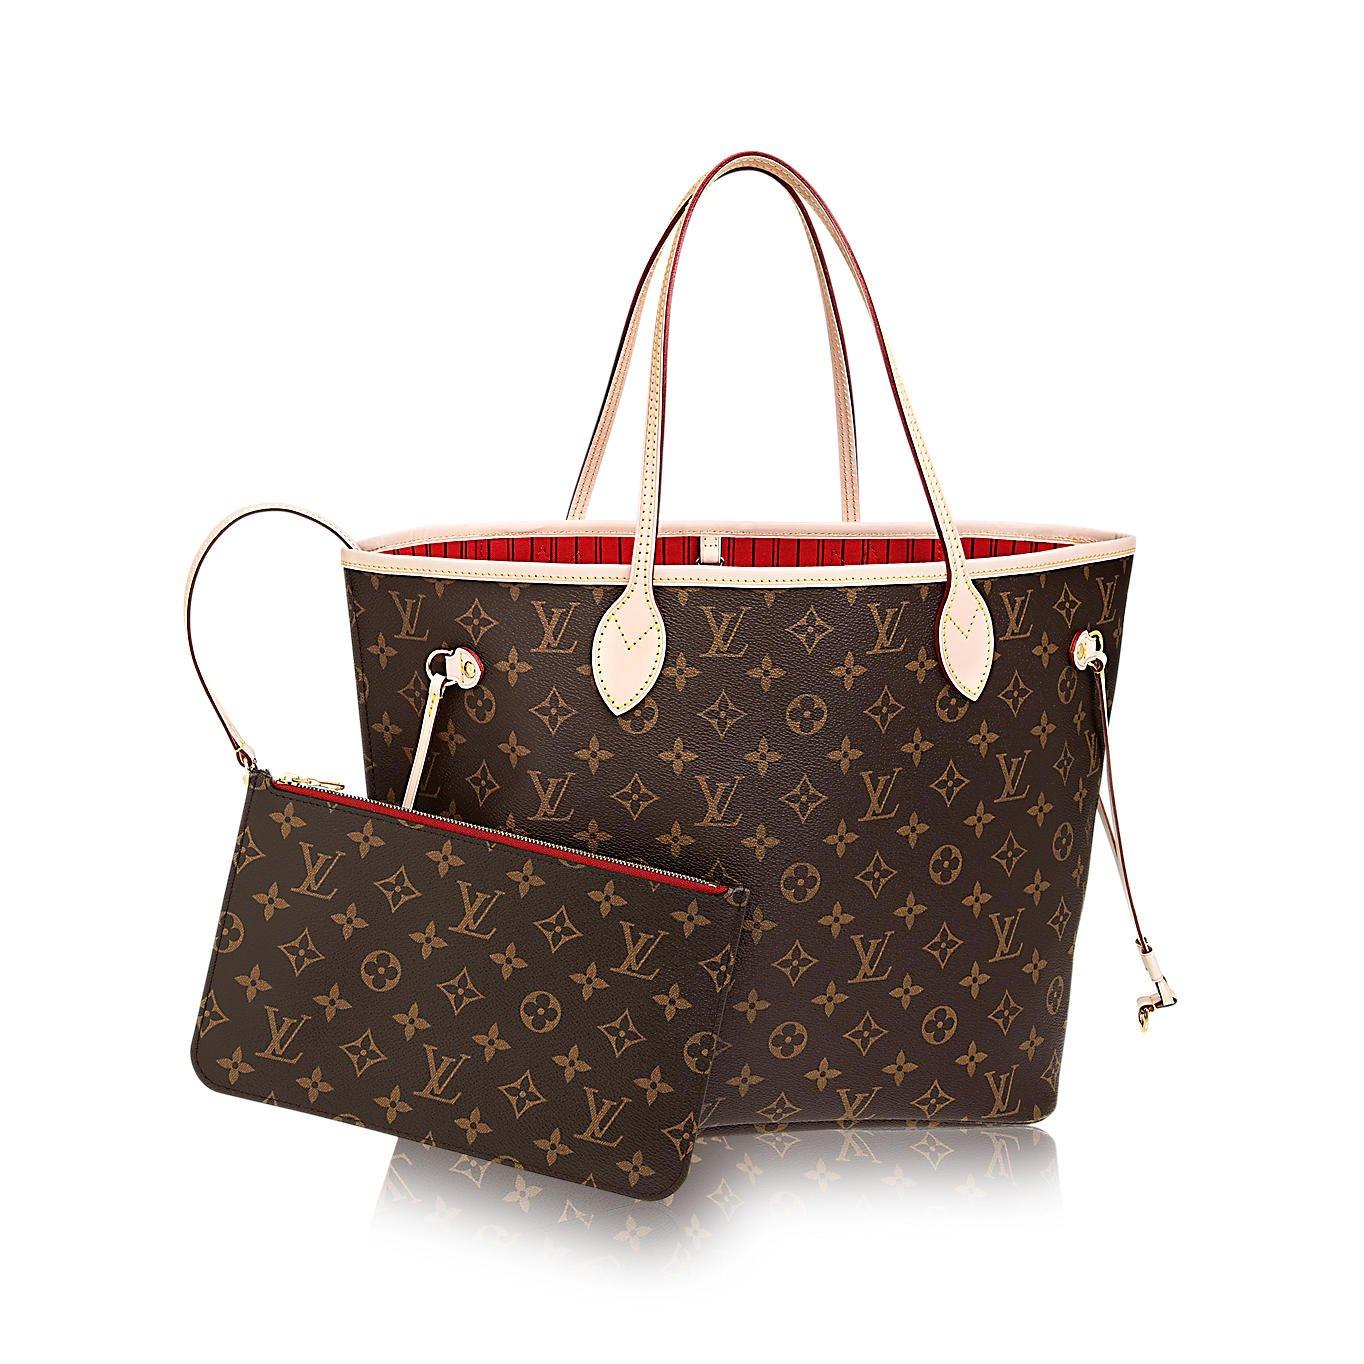 Authentic Louis Vuitton Neverfull MM Monogram Canvas Cherry Handbag Article:M41177 by Louis Vuitton (Image #1)